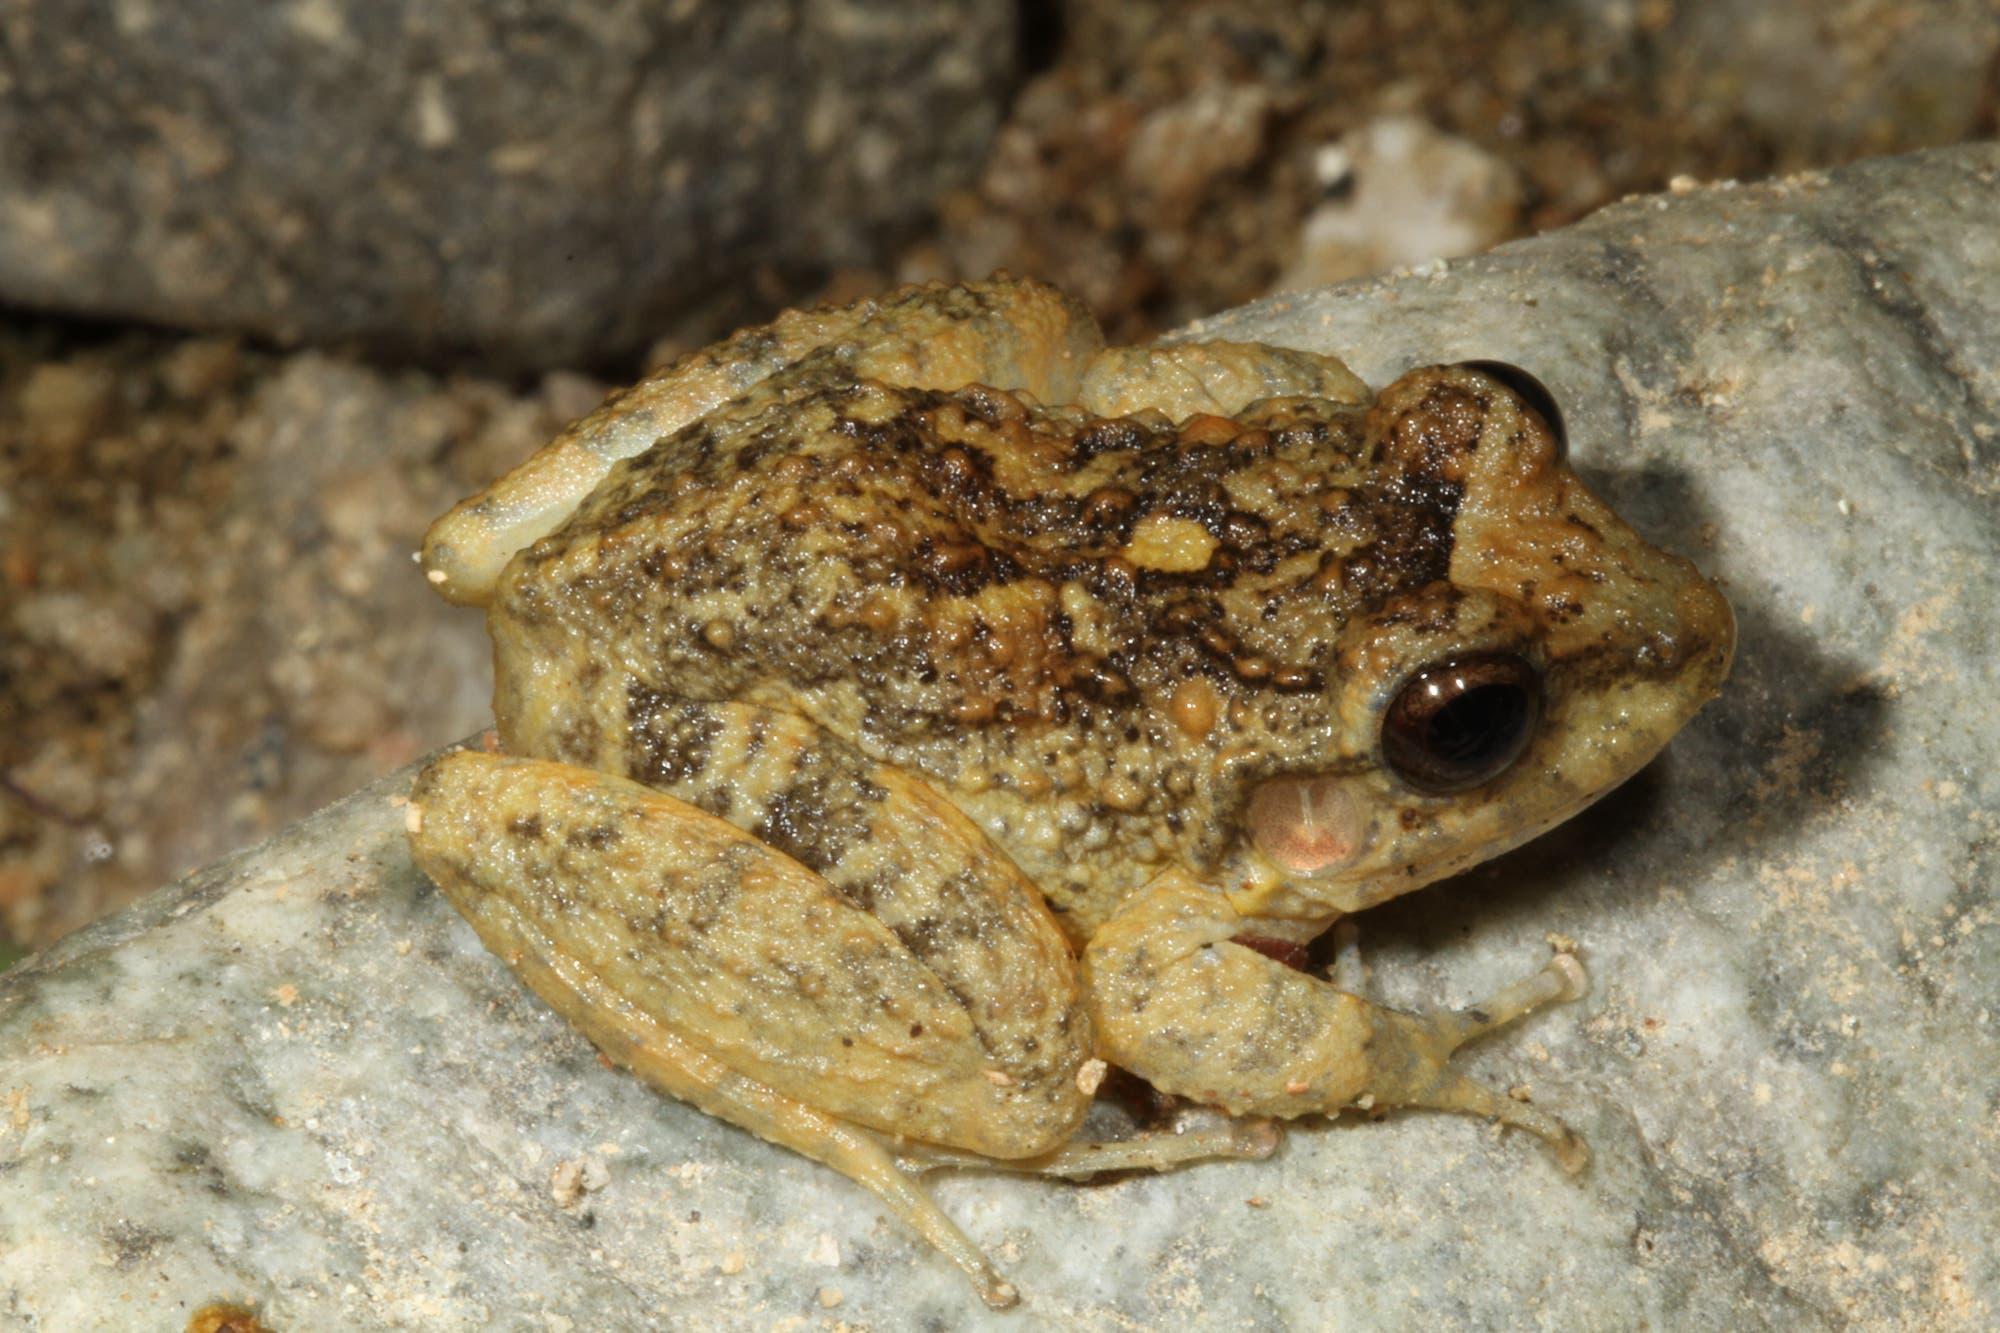 Craugastor rugulosus wurde vom Chytridpilz stark dezimiert. Die Zerstörung seines Lebensraums bedroht den Frosch zusätzlich.